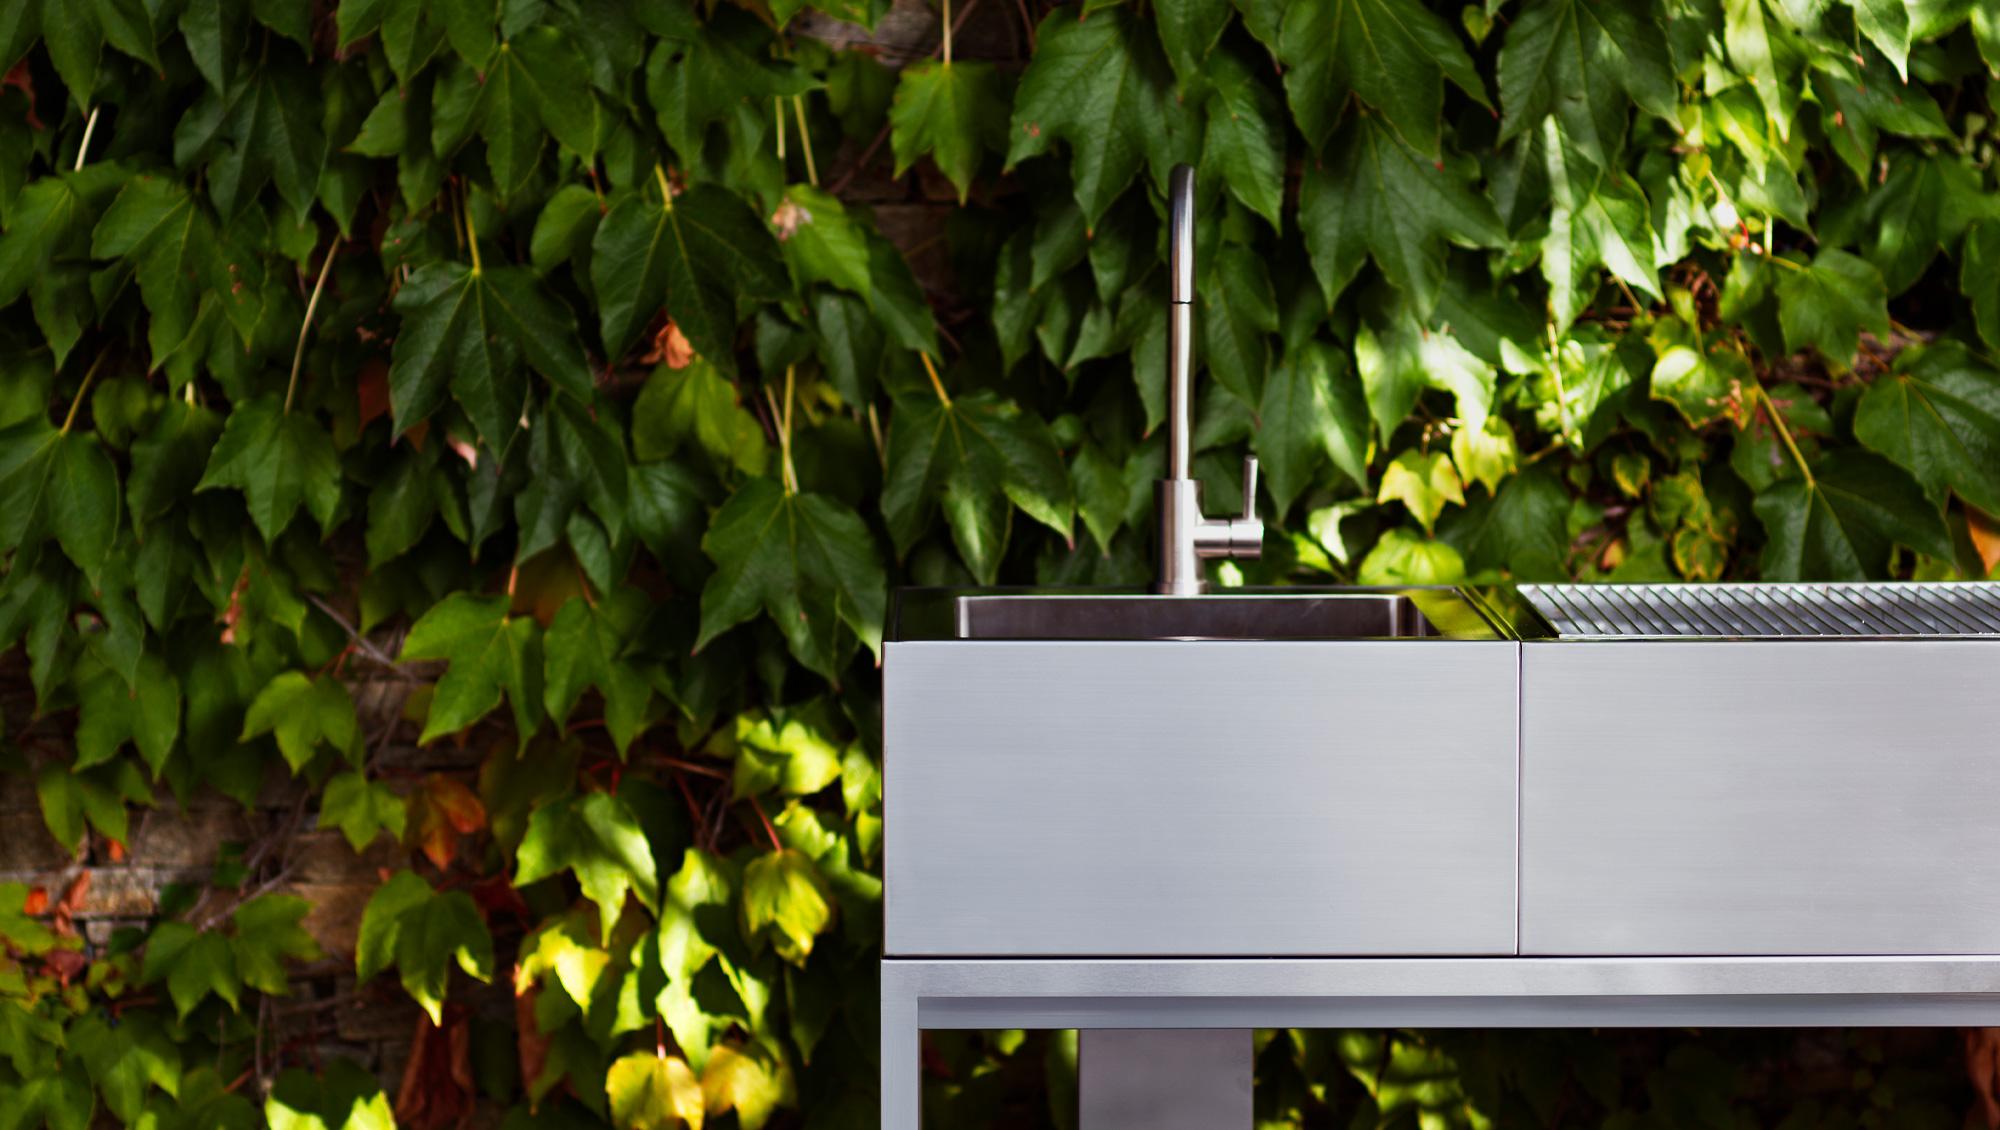 Image for Cramer Möbel + Design GmbH